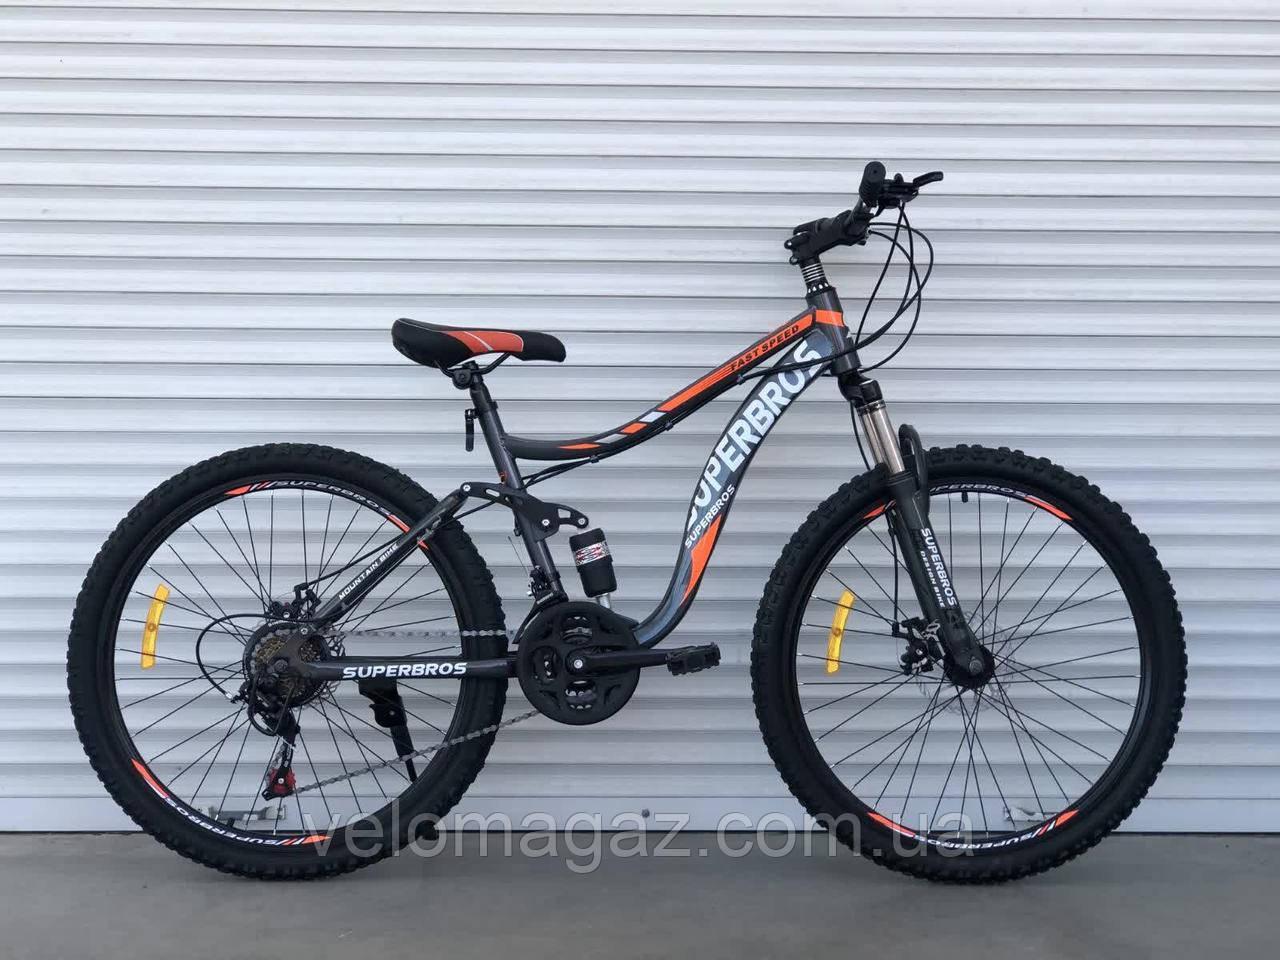 """Велосипед спортивный двухподвесной TopRider-920 26"""" оранжевый"""